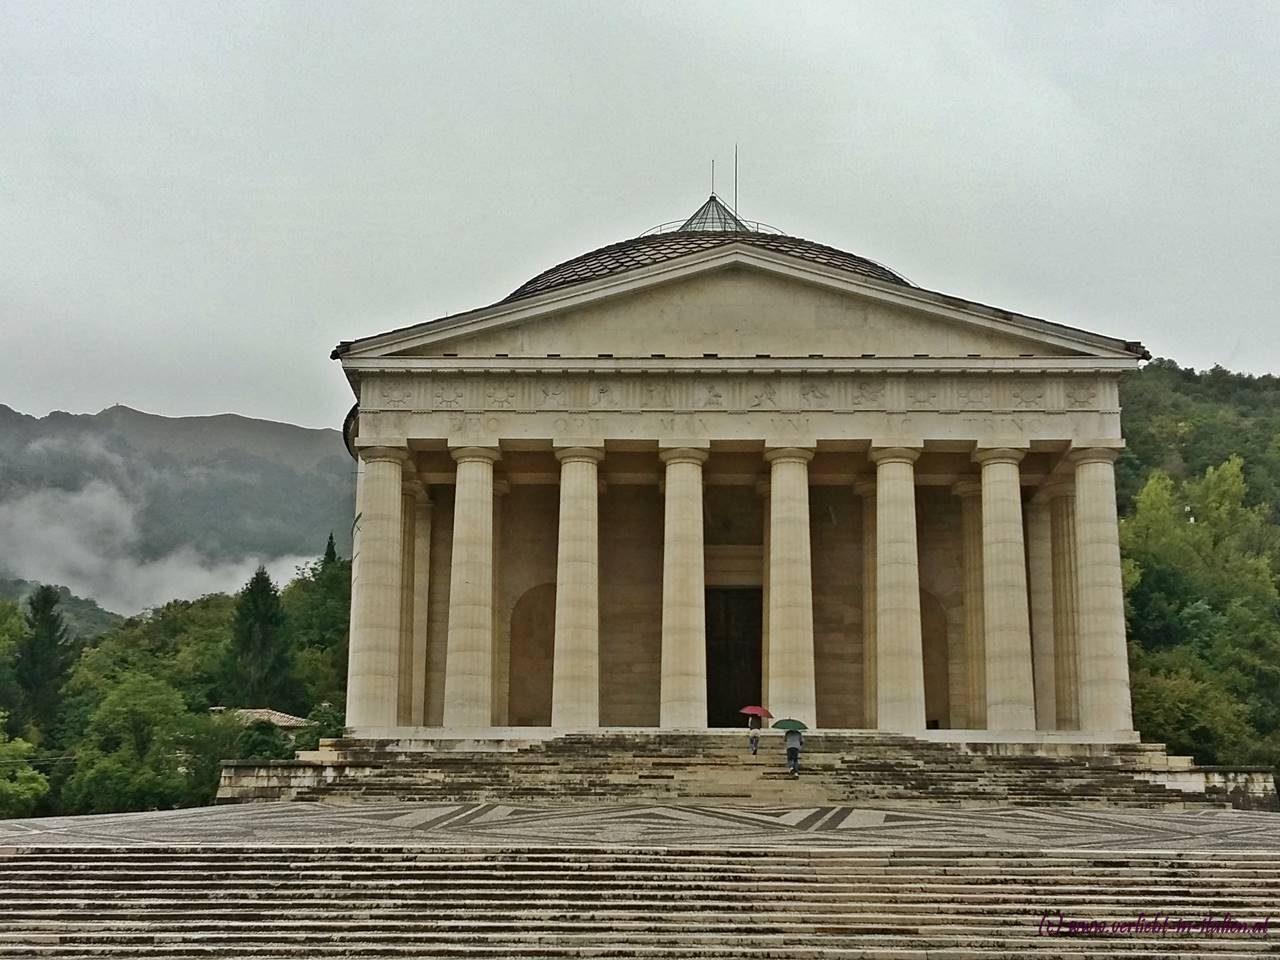 Tempio Canoviano in Passagno